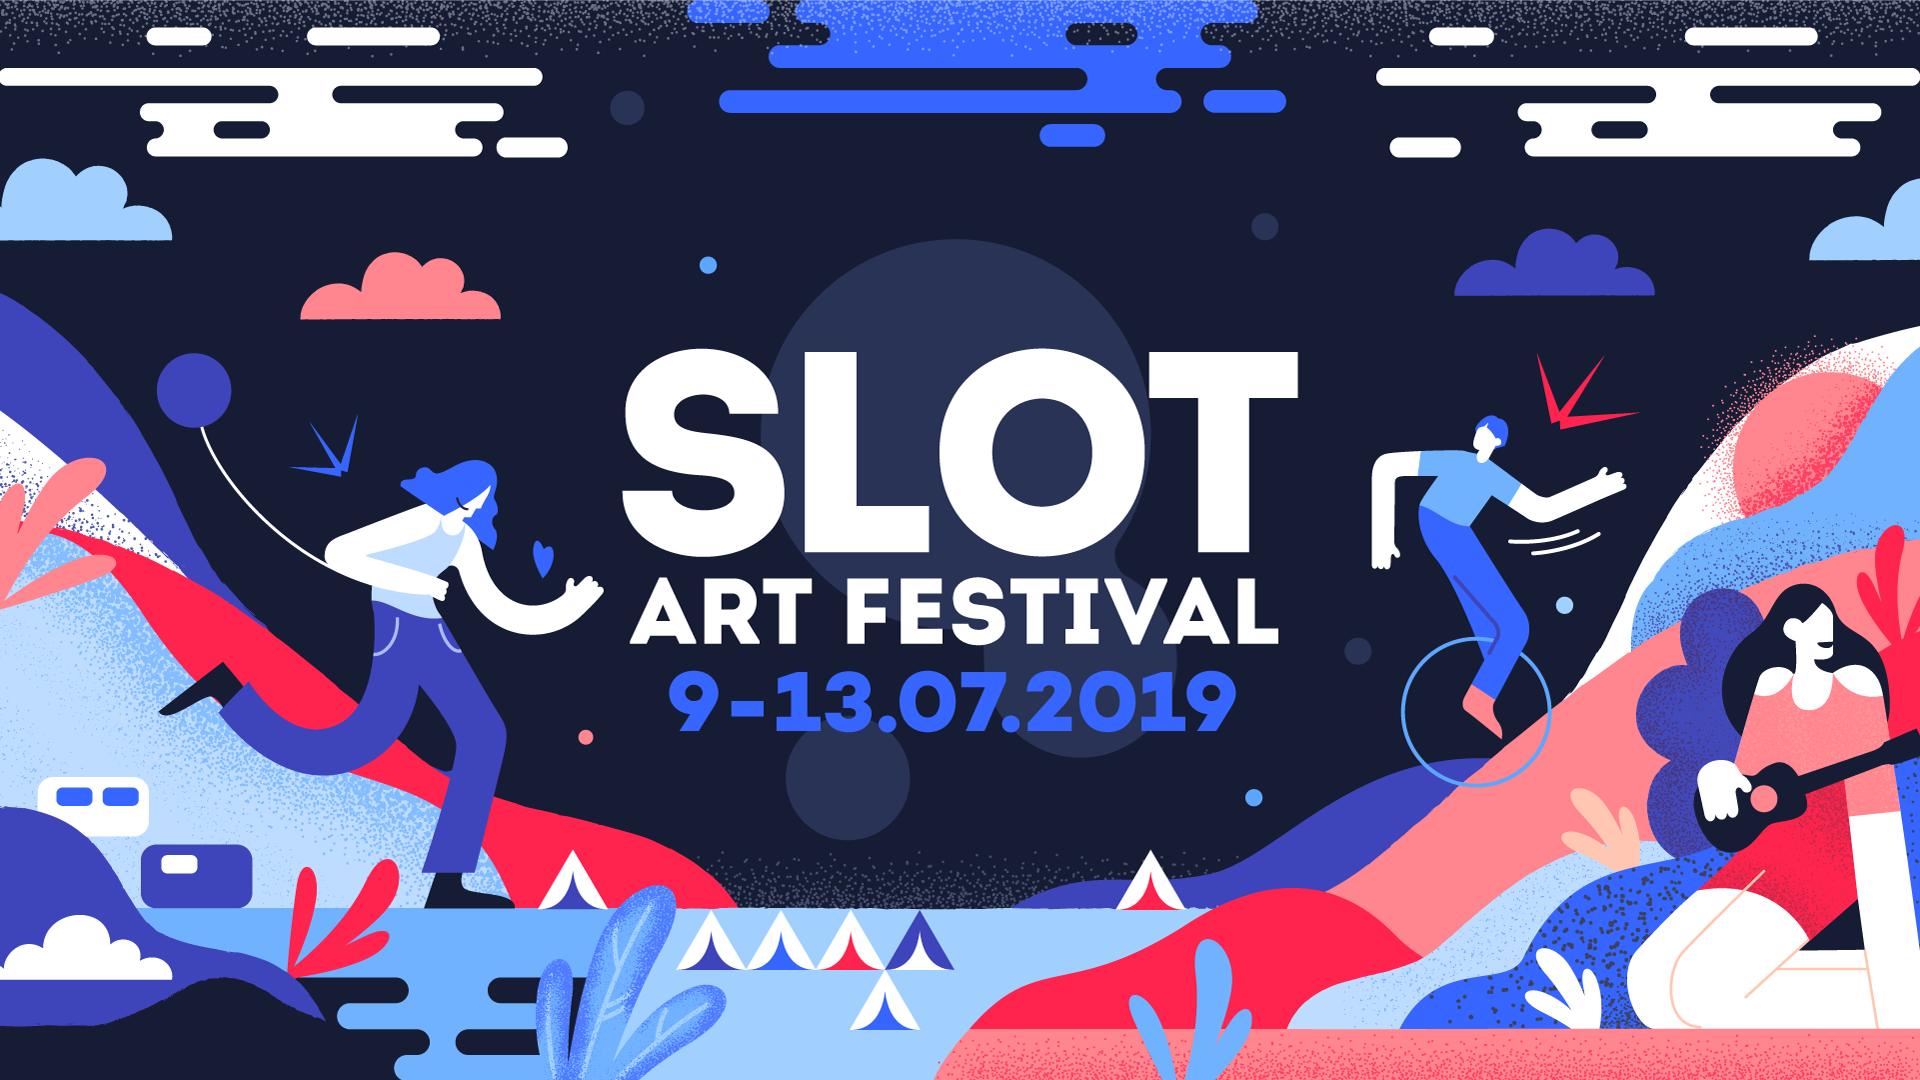 SLOT Art Festival @ Lubiąż | Lubiąż | Województwo dolnośląskie | Polska